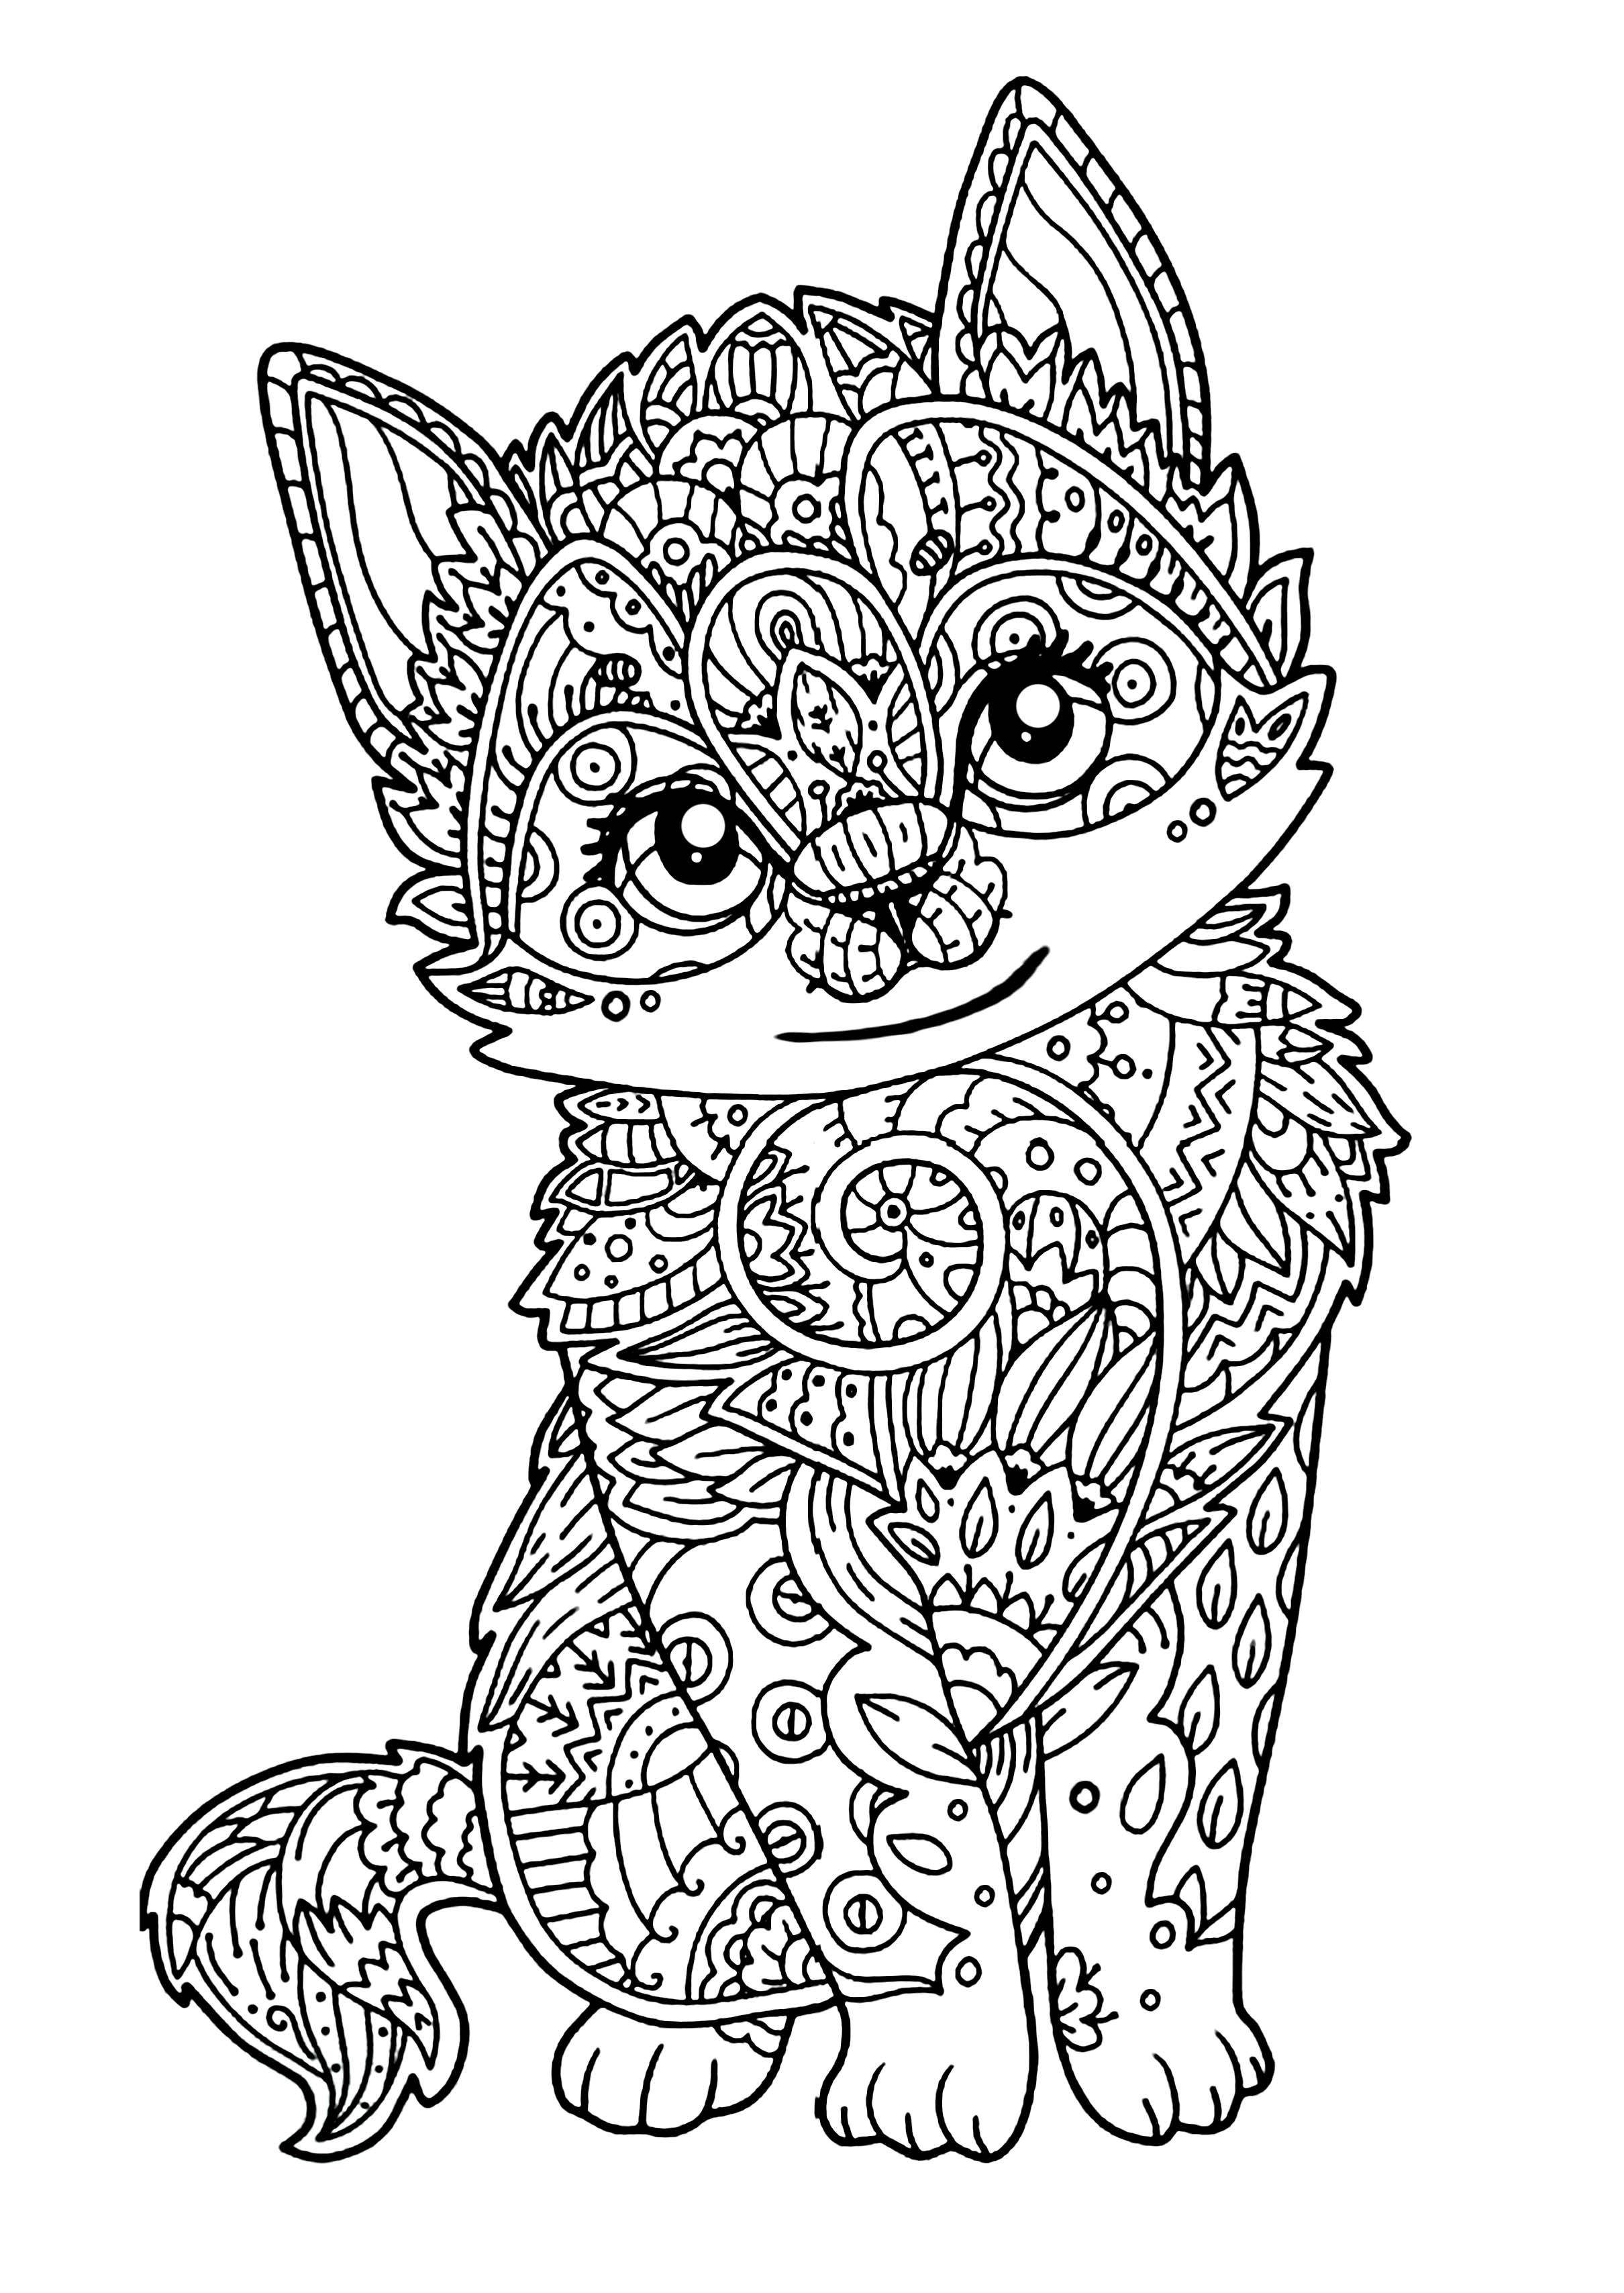 Gatti 44340 Gatti Disegni Da Colorare Per Adulti